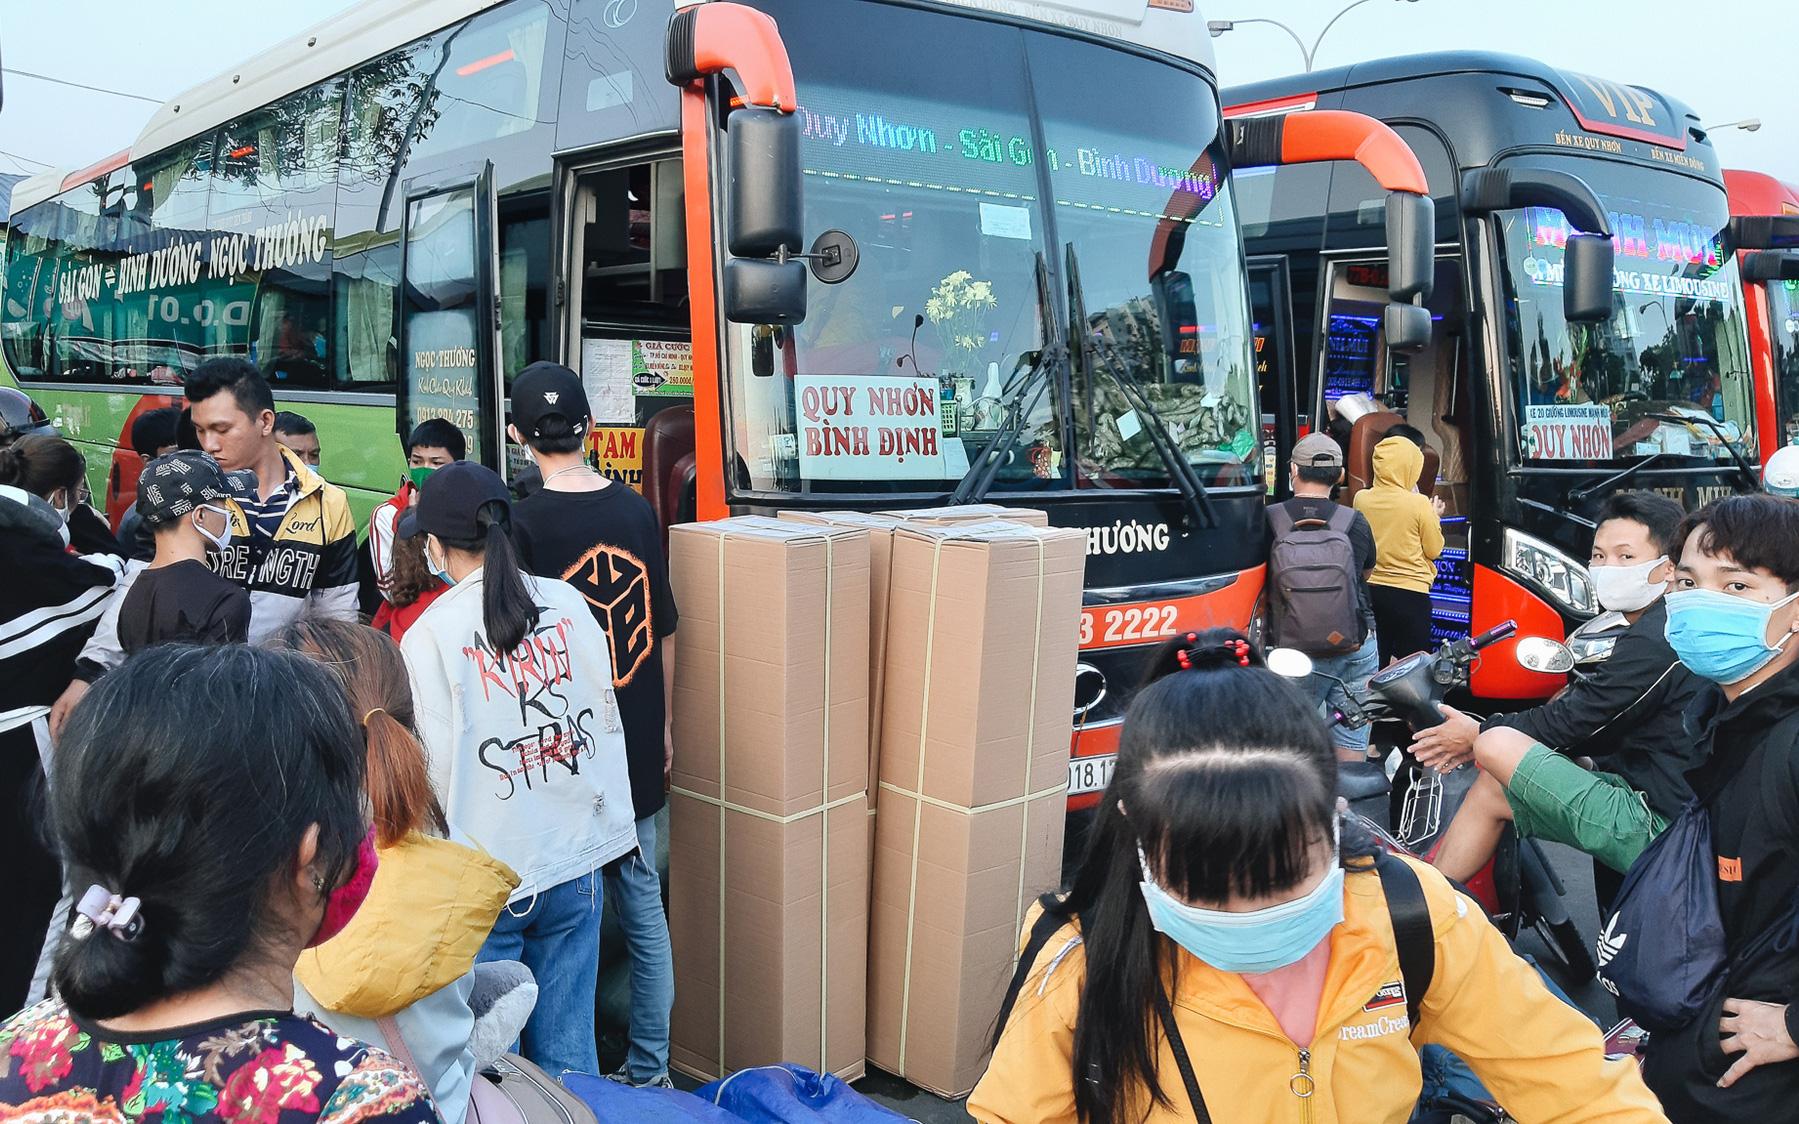 Giới hạn tần suất xe khách, tàu hỏa đi/đến Hà Nội và TP.HCM đề phòng dịch bệnh